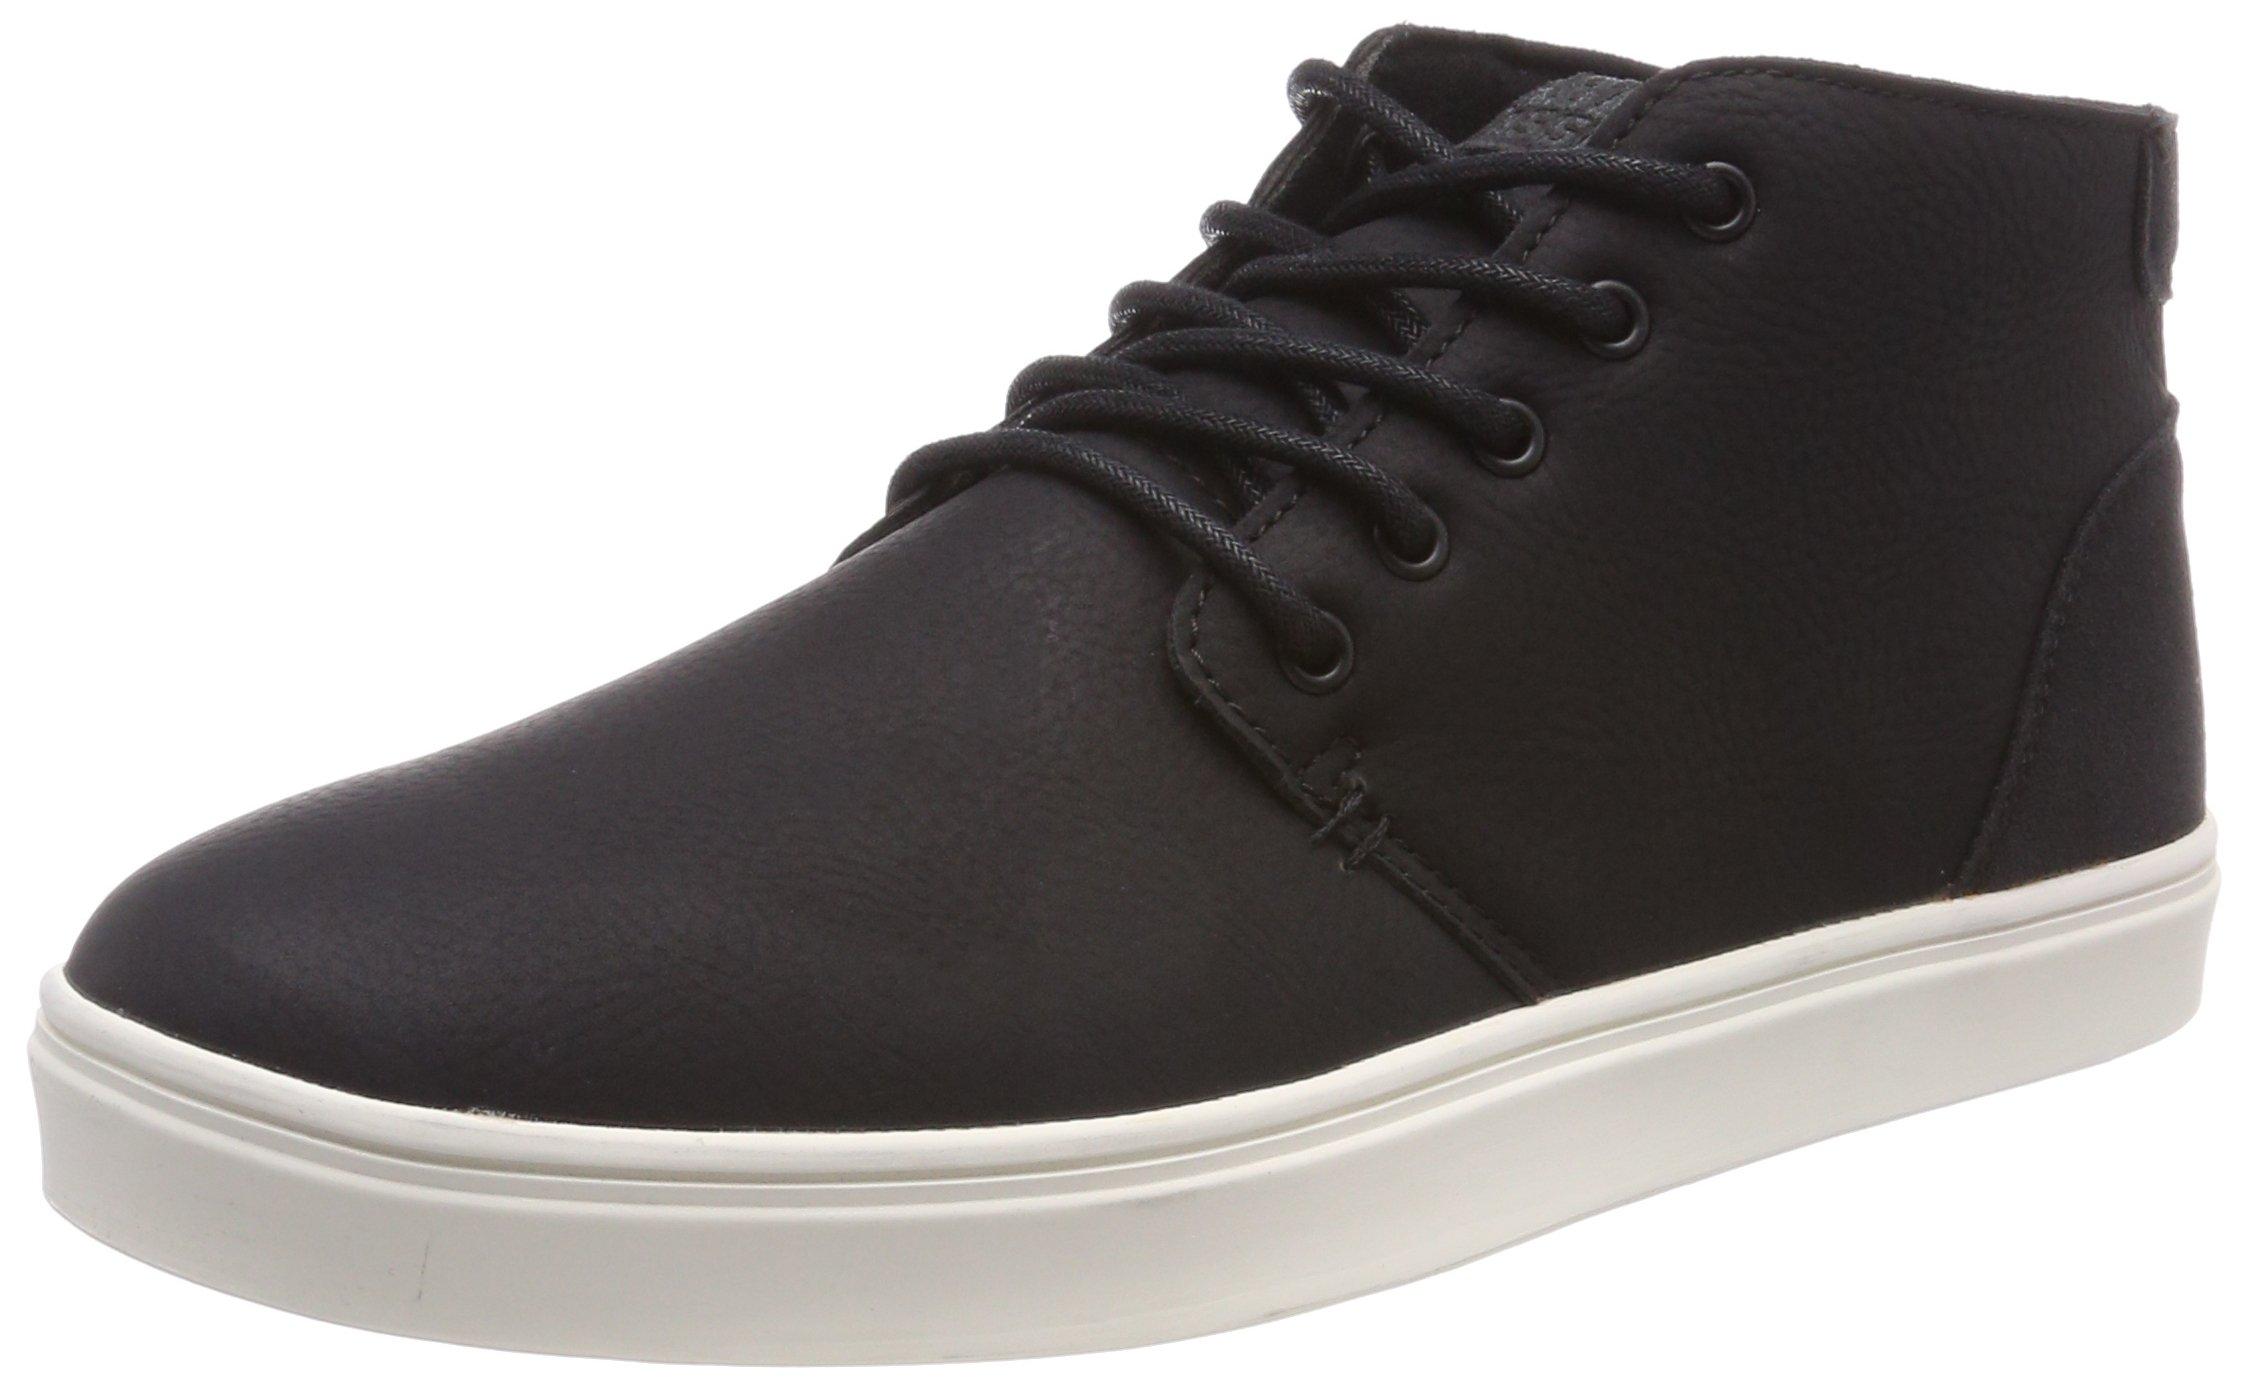 Urban Classics Herren Hibi Mid Shoe Sneaker, Mehrfarbig (Black/White), 39 EU